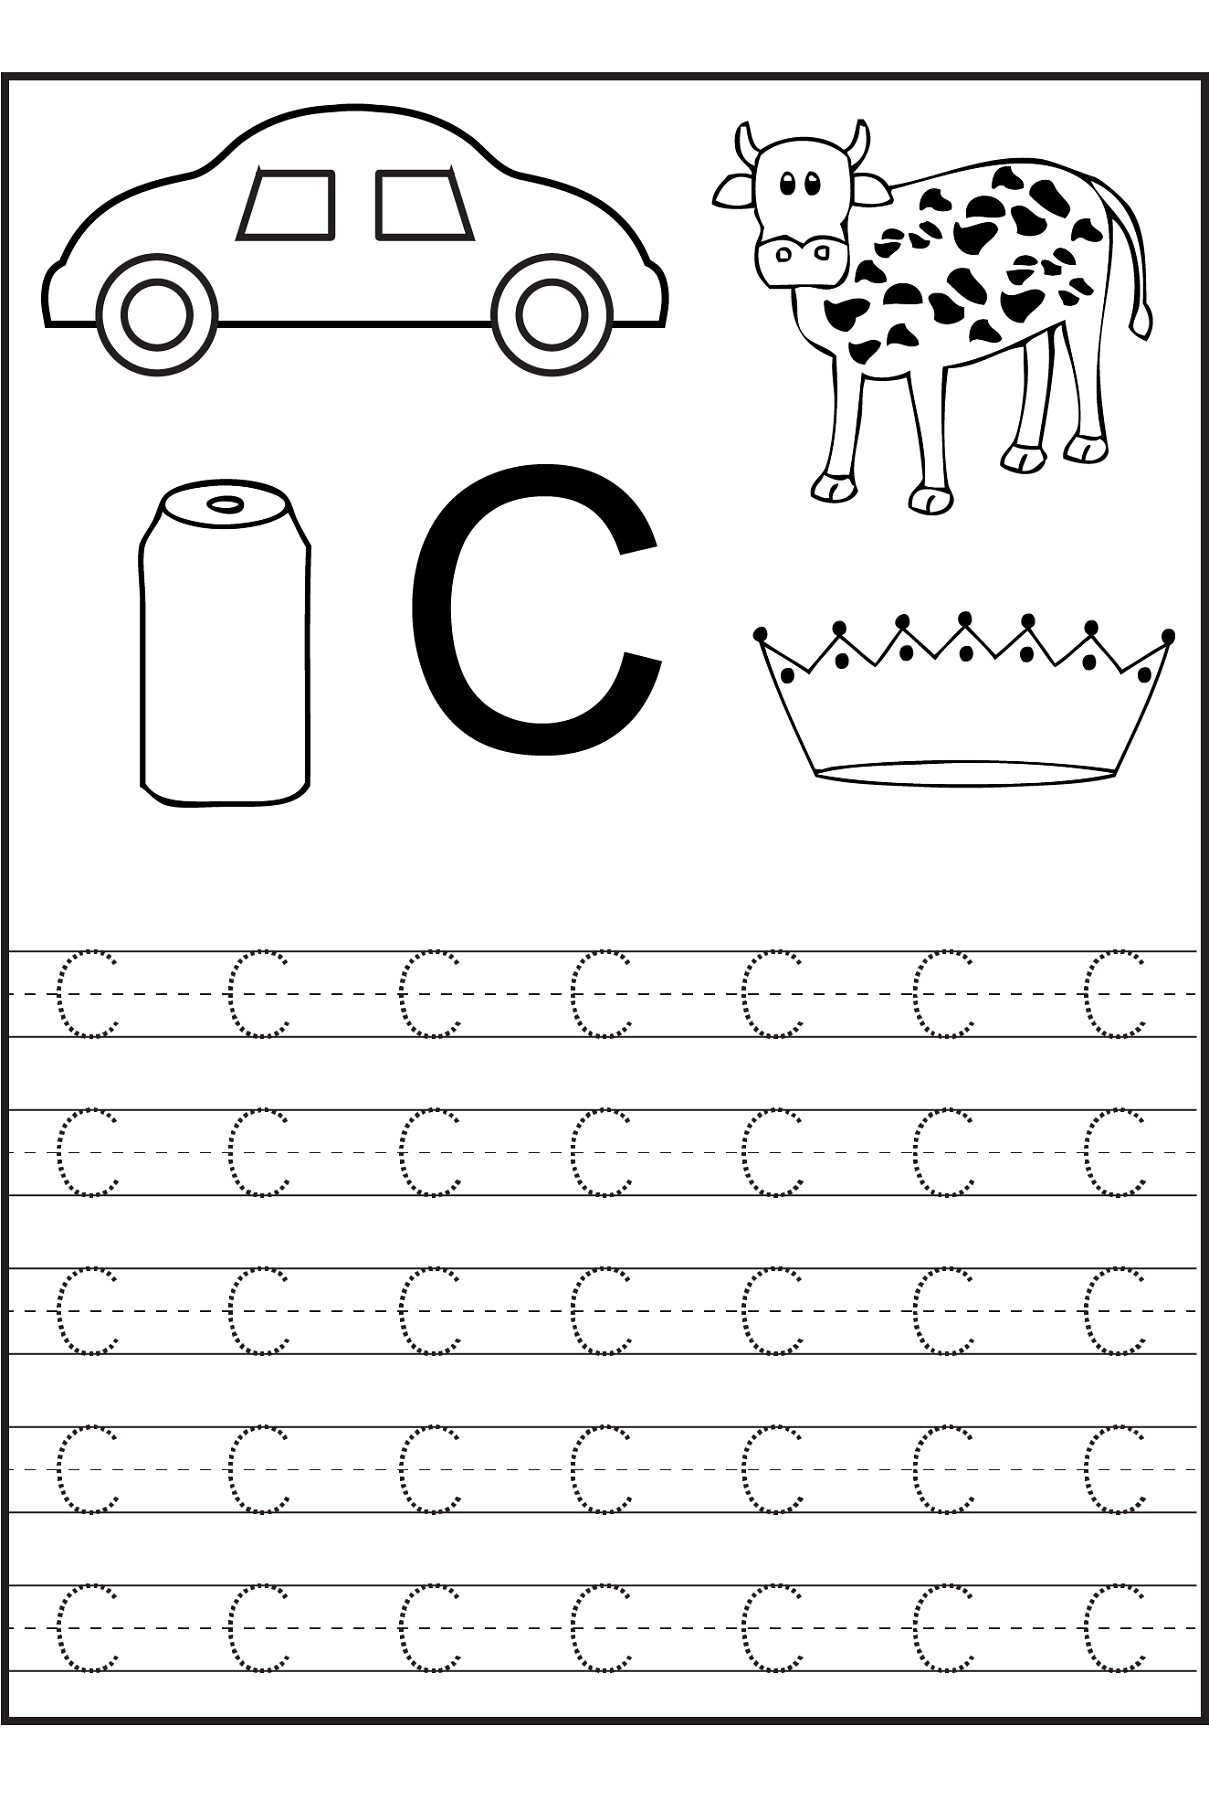 Letter C Coloring Worksheet